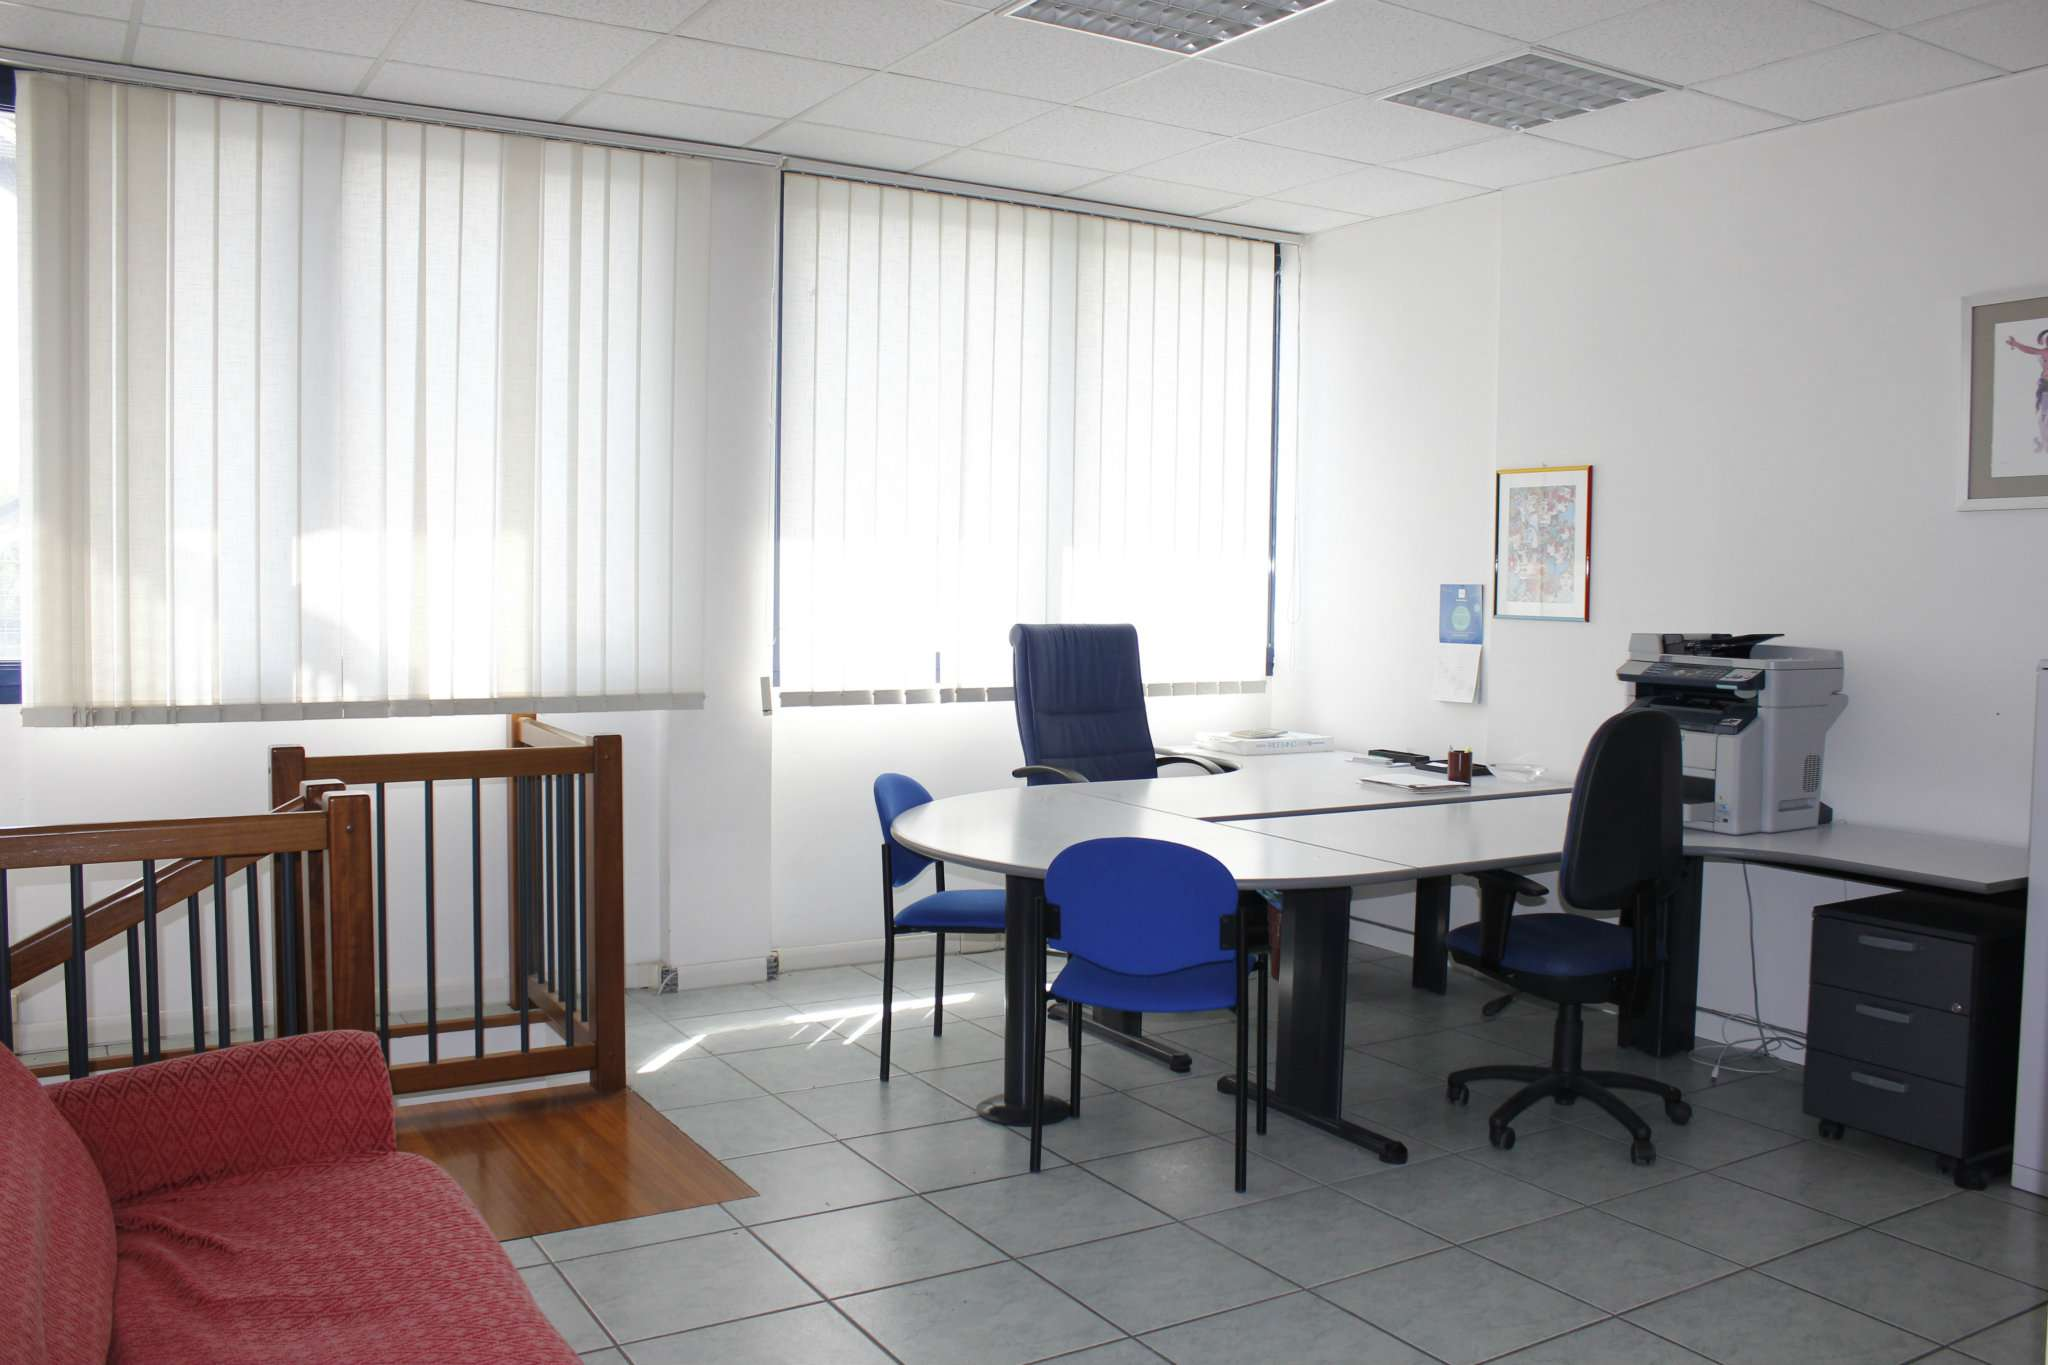 Ufficio / Studio in vendita a Noventa Padovana, 3 locali, prezzo € 92.000 | CambioCasa.it